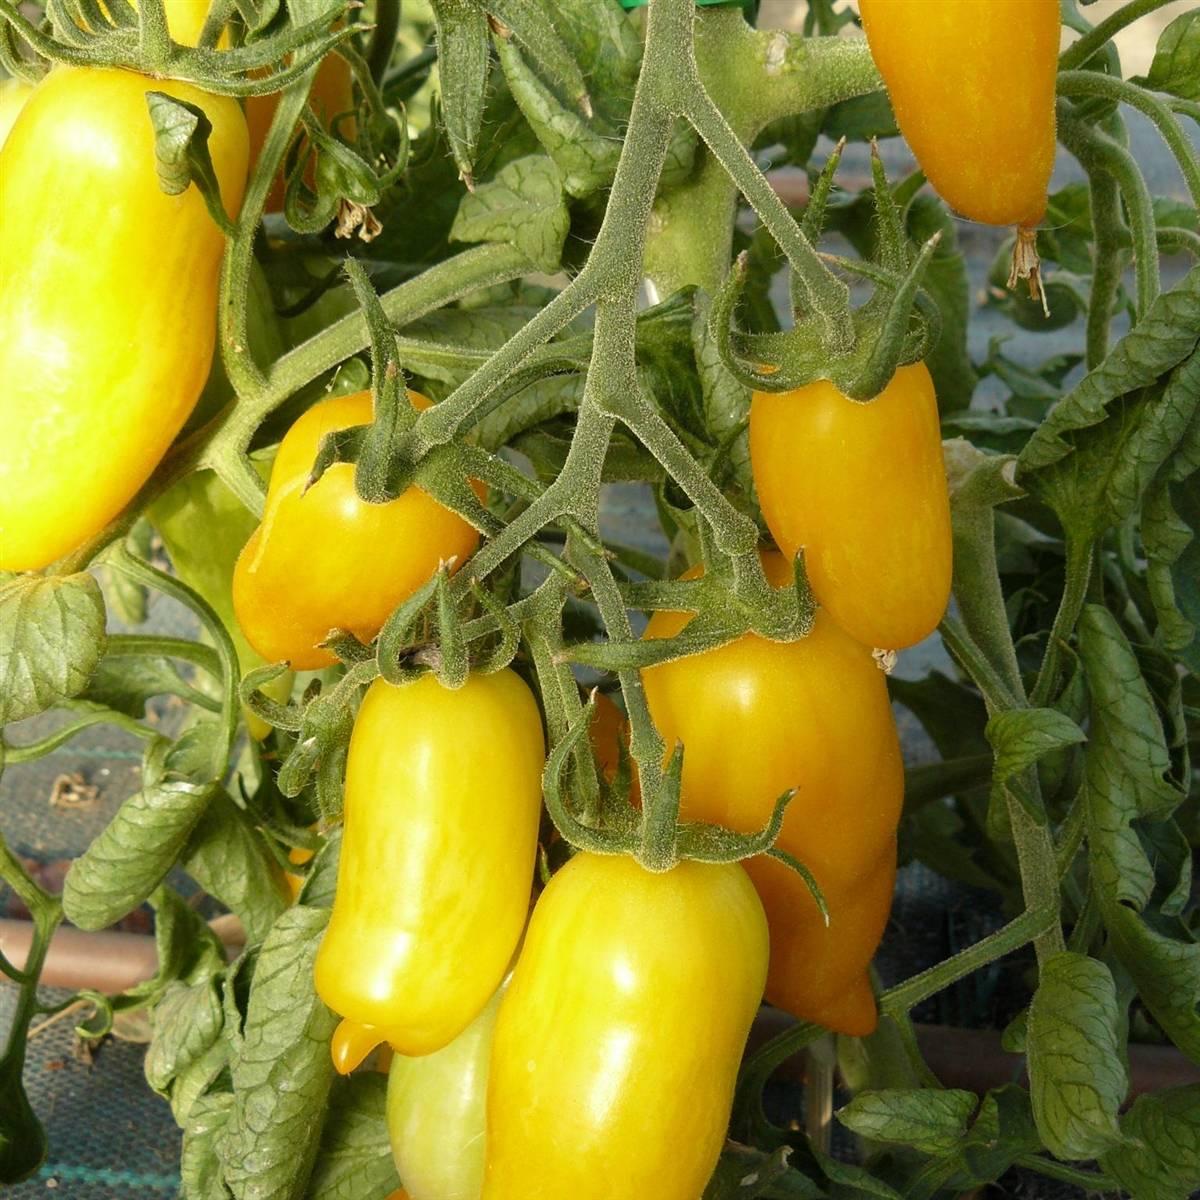 Универсальные помидоры для всех регионов россии — томат «банан красный»: описание сорта и фото